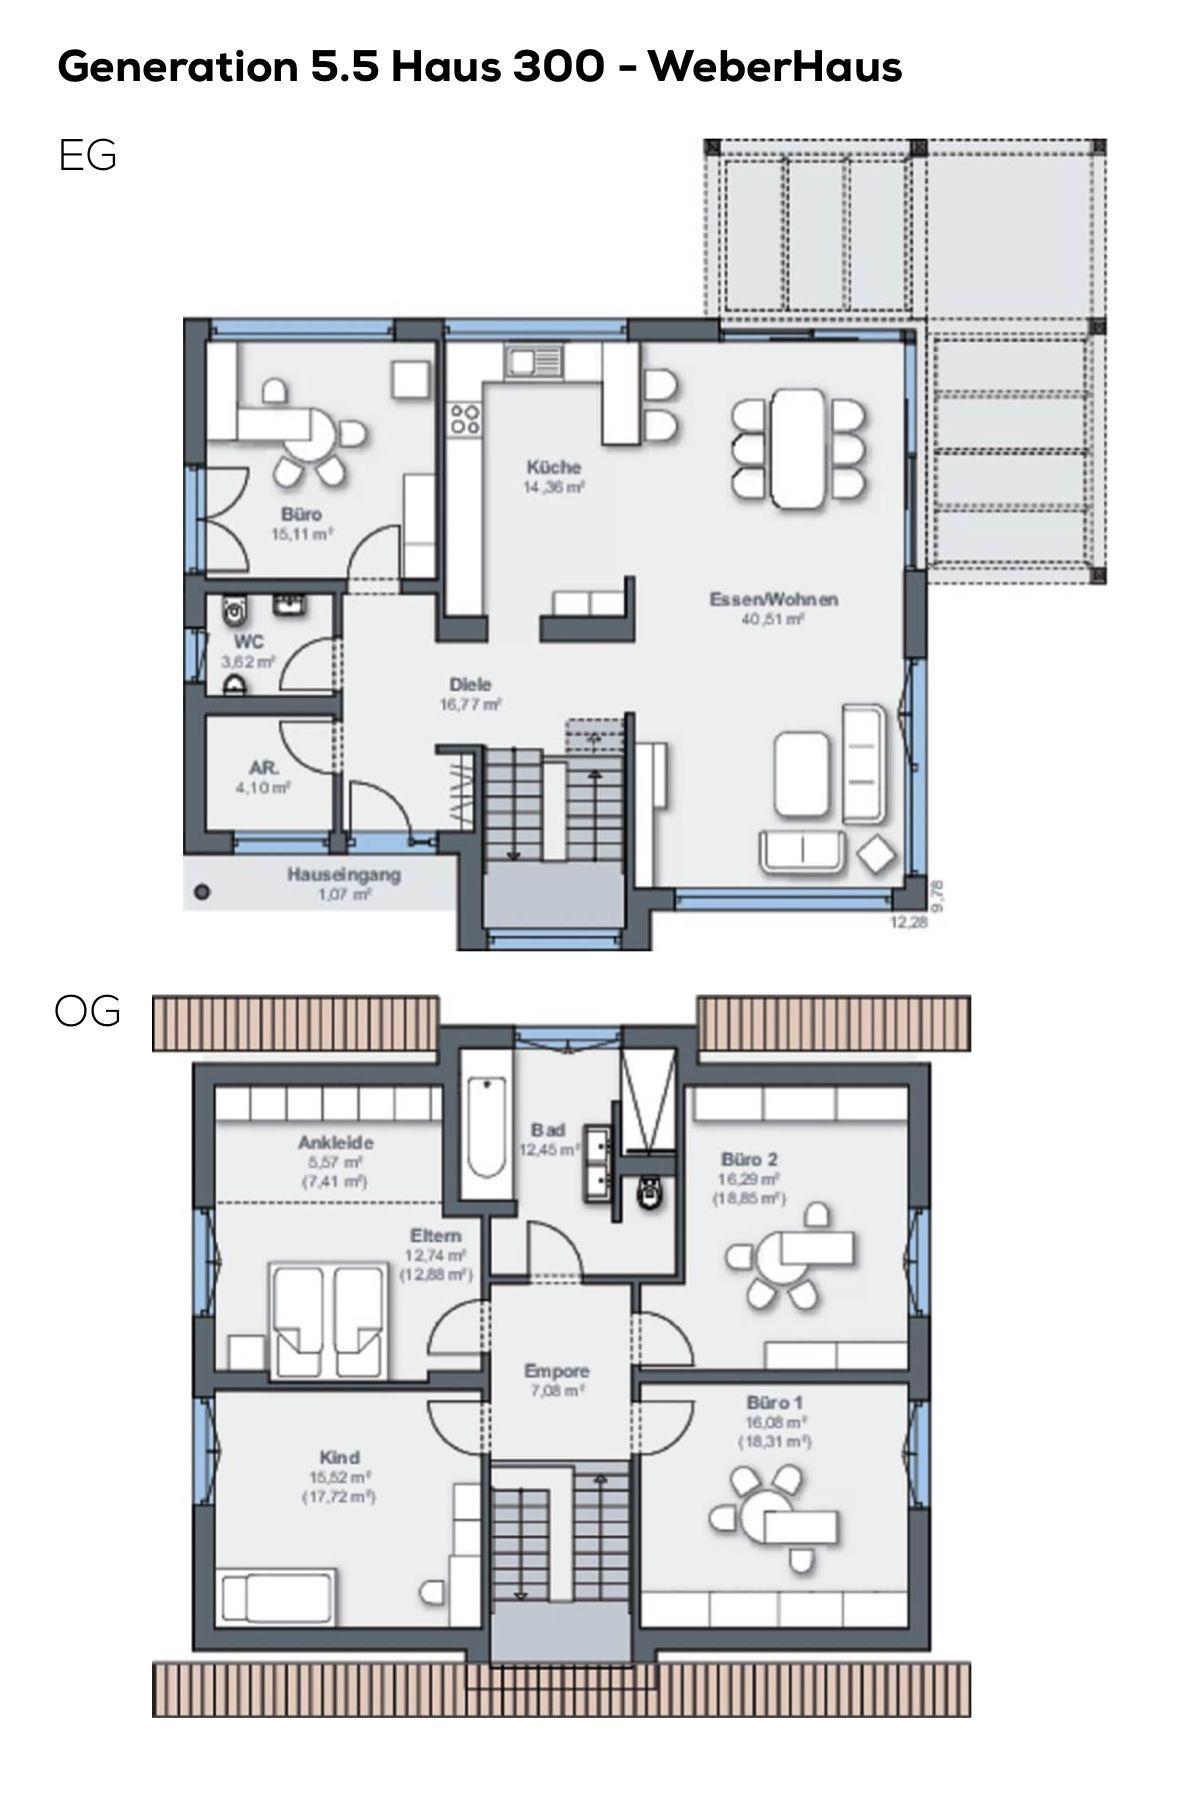 Grundriss Einfamilienhaus 6 Zimmer ohne Keller, offene